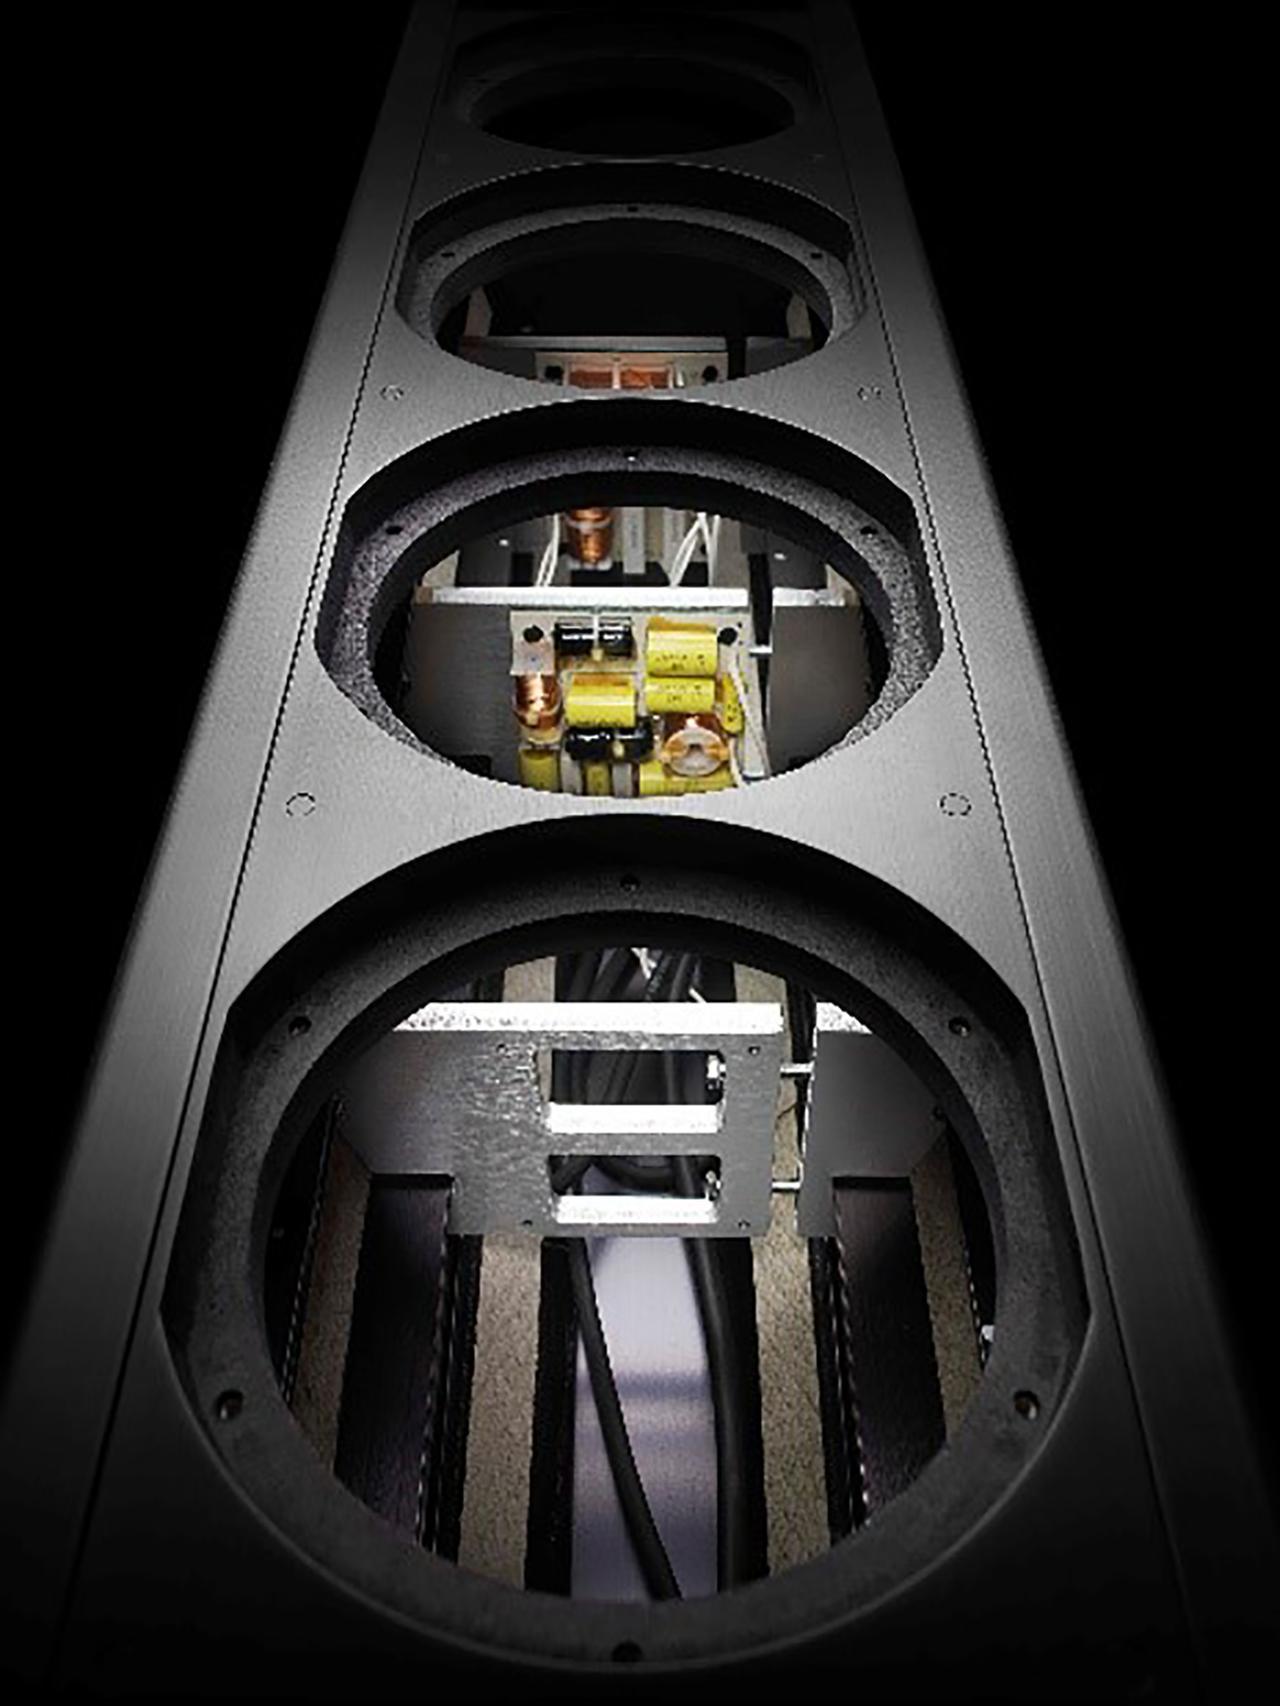 画像: アルミニウムキャビネットは高剛性を保ちつつ、木製キャビネットよりも側面の厚みが薄く作れるのが利点。内部は同じ容量でも外寸が小さくできる(写真はCoax 711の内部)